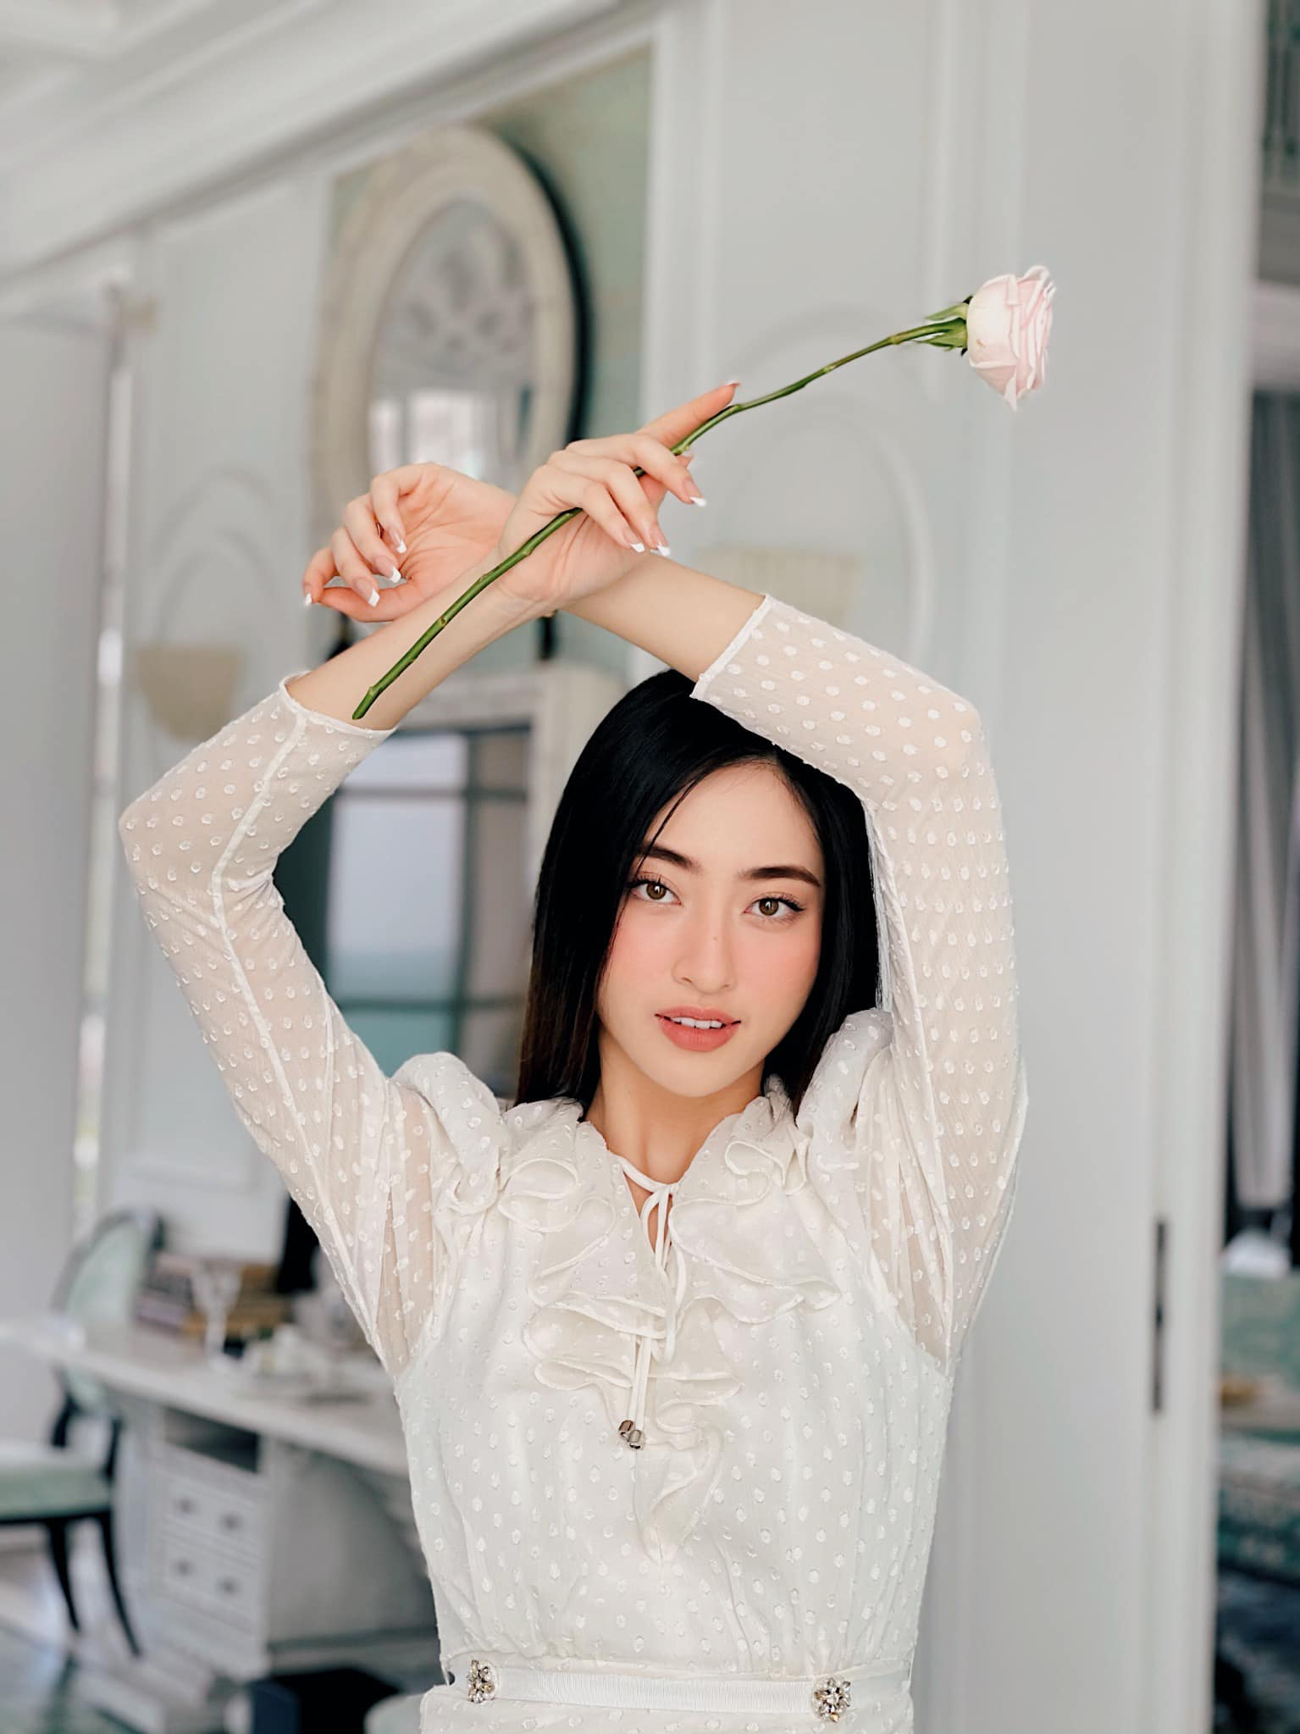 Đỗ Thị Hà xinh đẹp với trang phục lạ mắt, Á hậu Phương Anh sexy với bikini ảnh 4